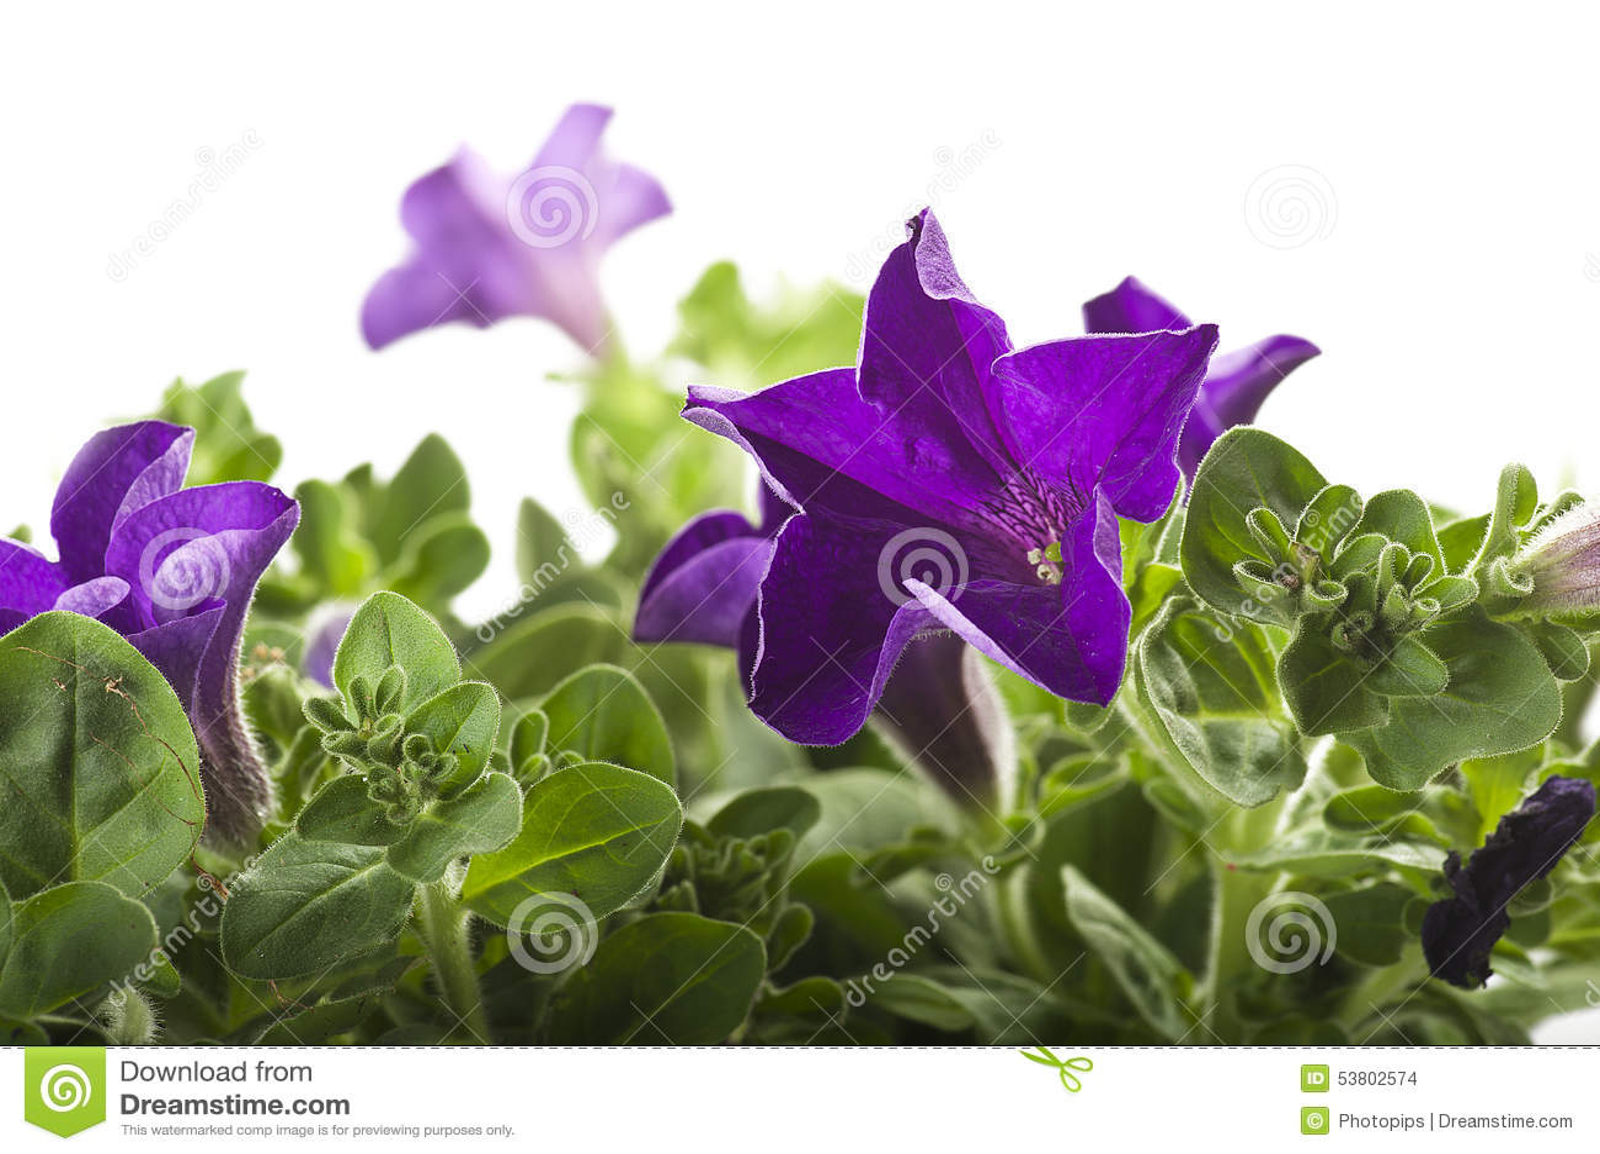 Fiori Color Viola.Fiore Di Colore Viola Fotografia Stock Immagine Di Giardino